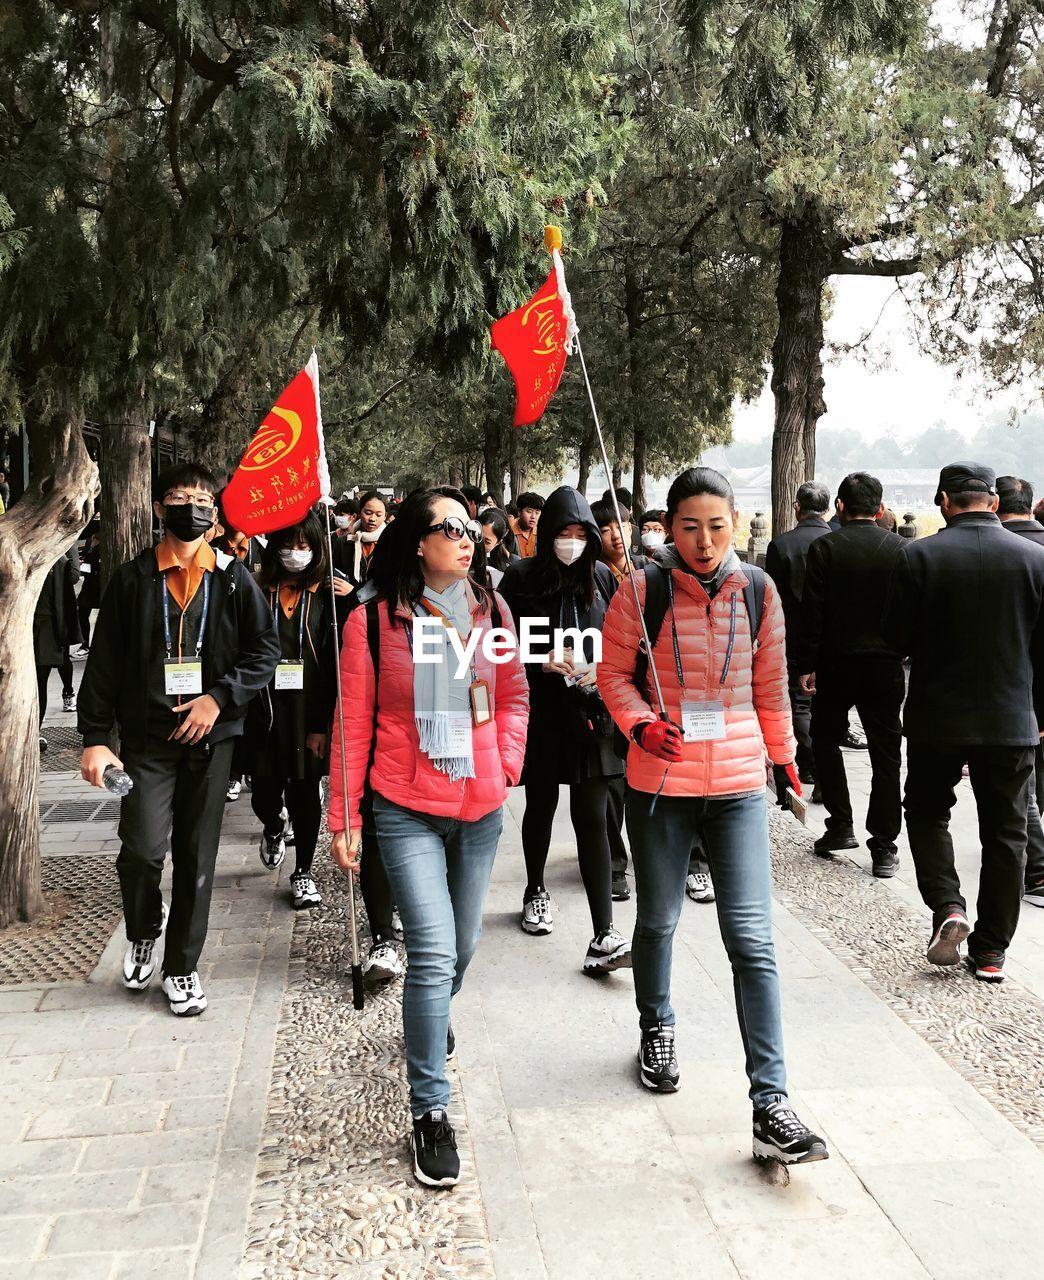 GROUP OF PEOPLE WALKING ON LEAVES